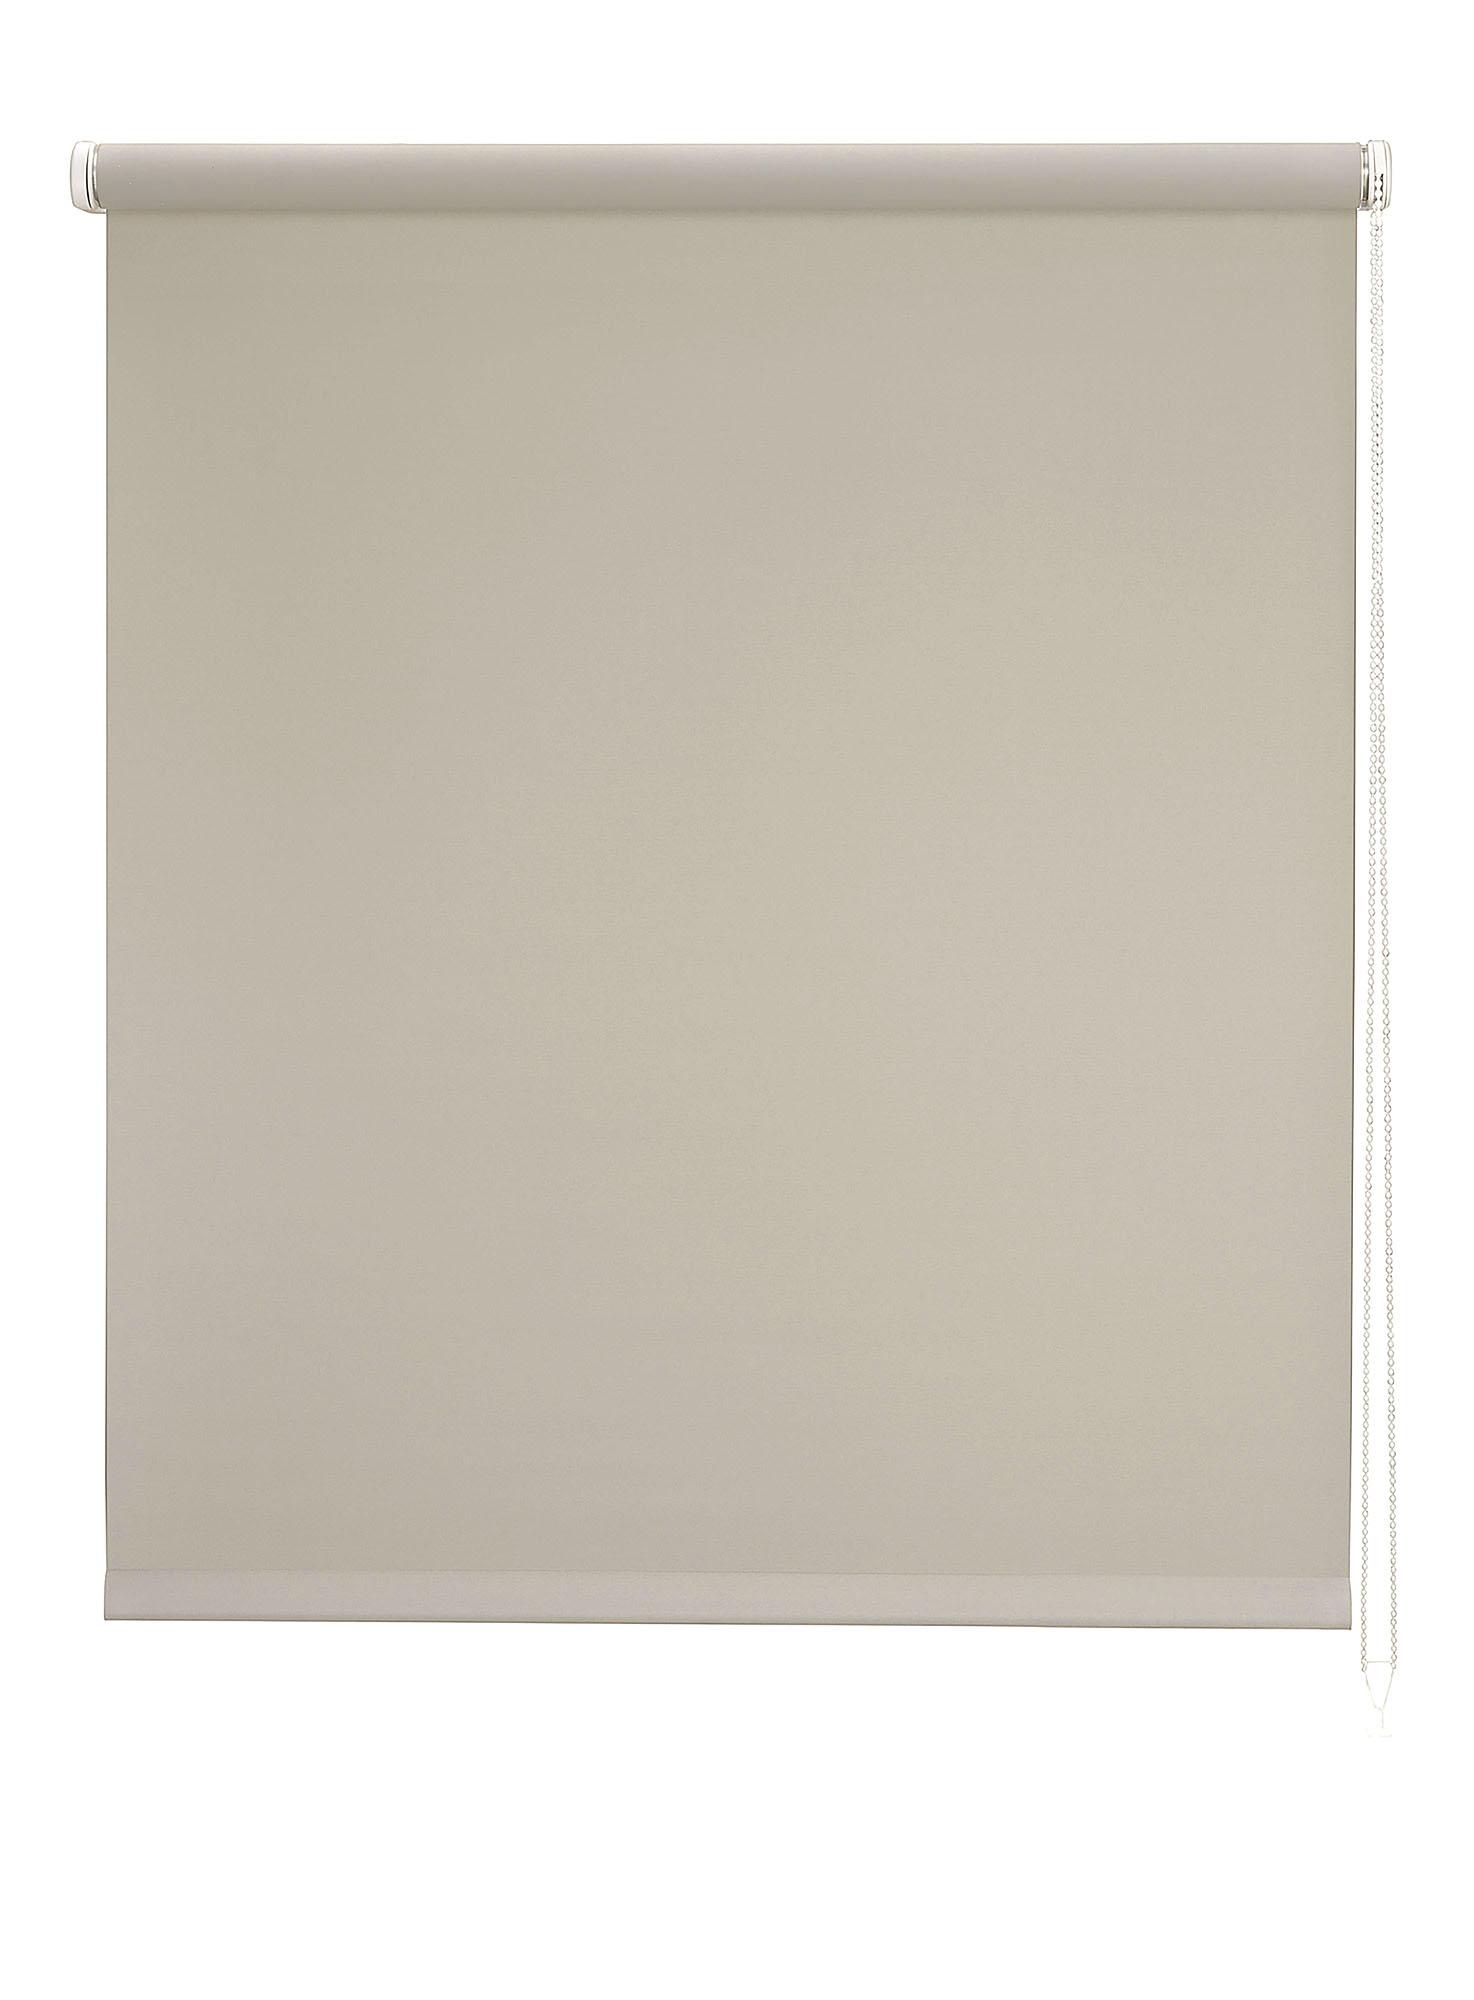 Store enrouleur Translucide - Beige - 160 x 250 cm